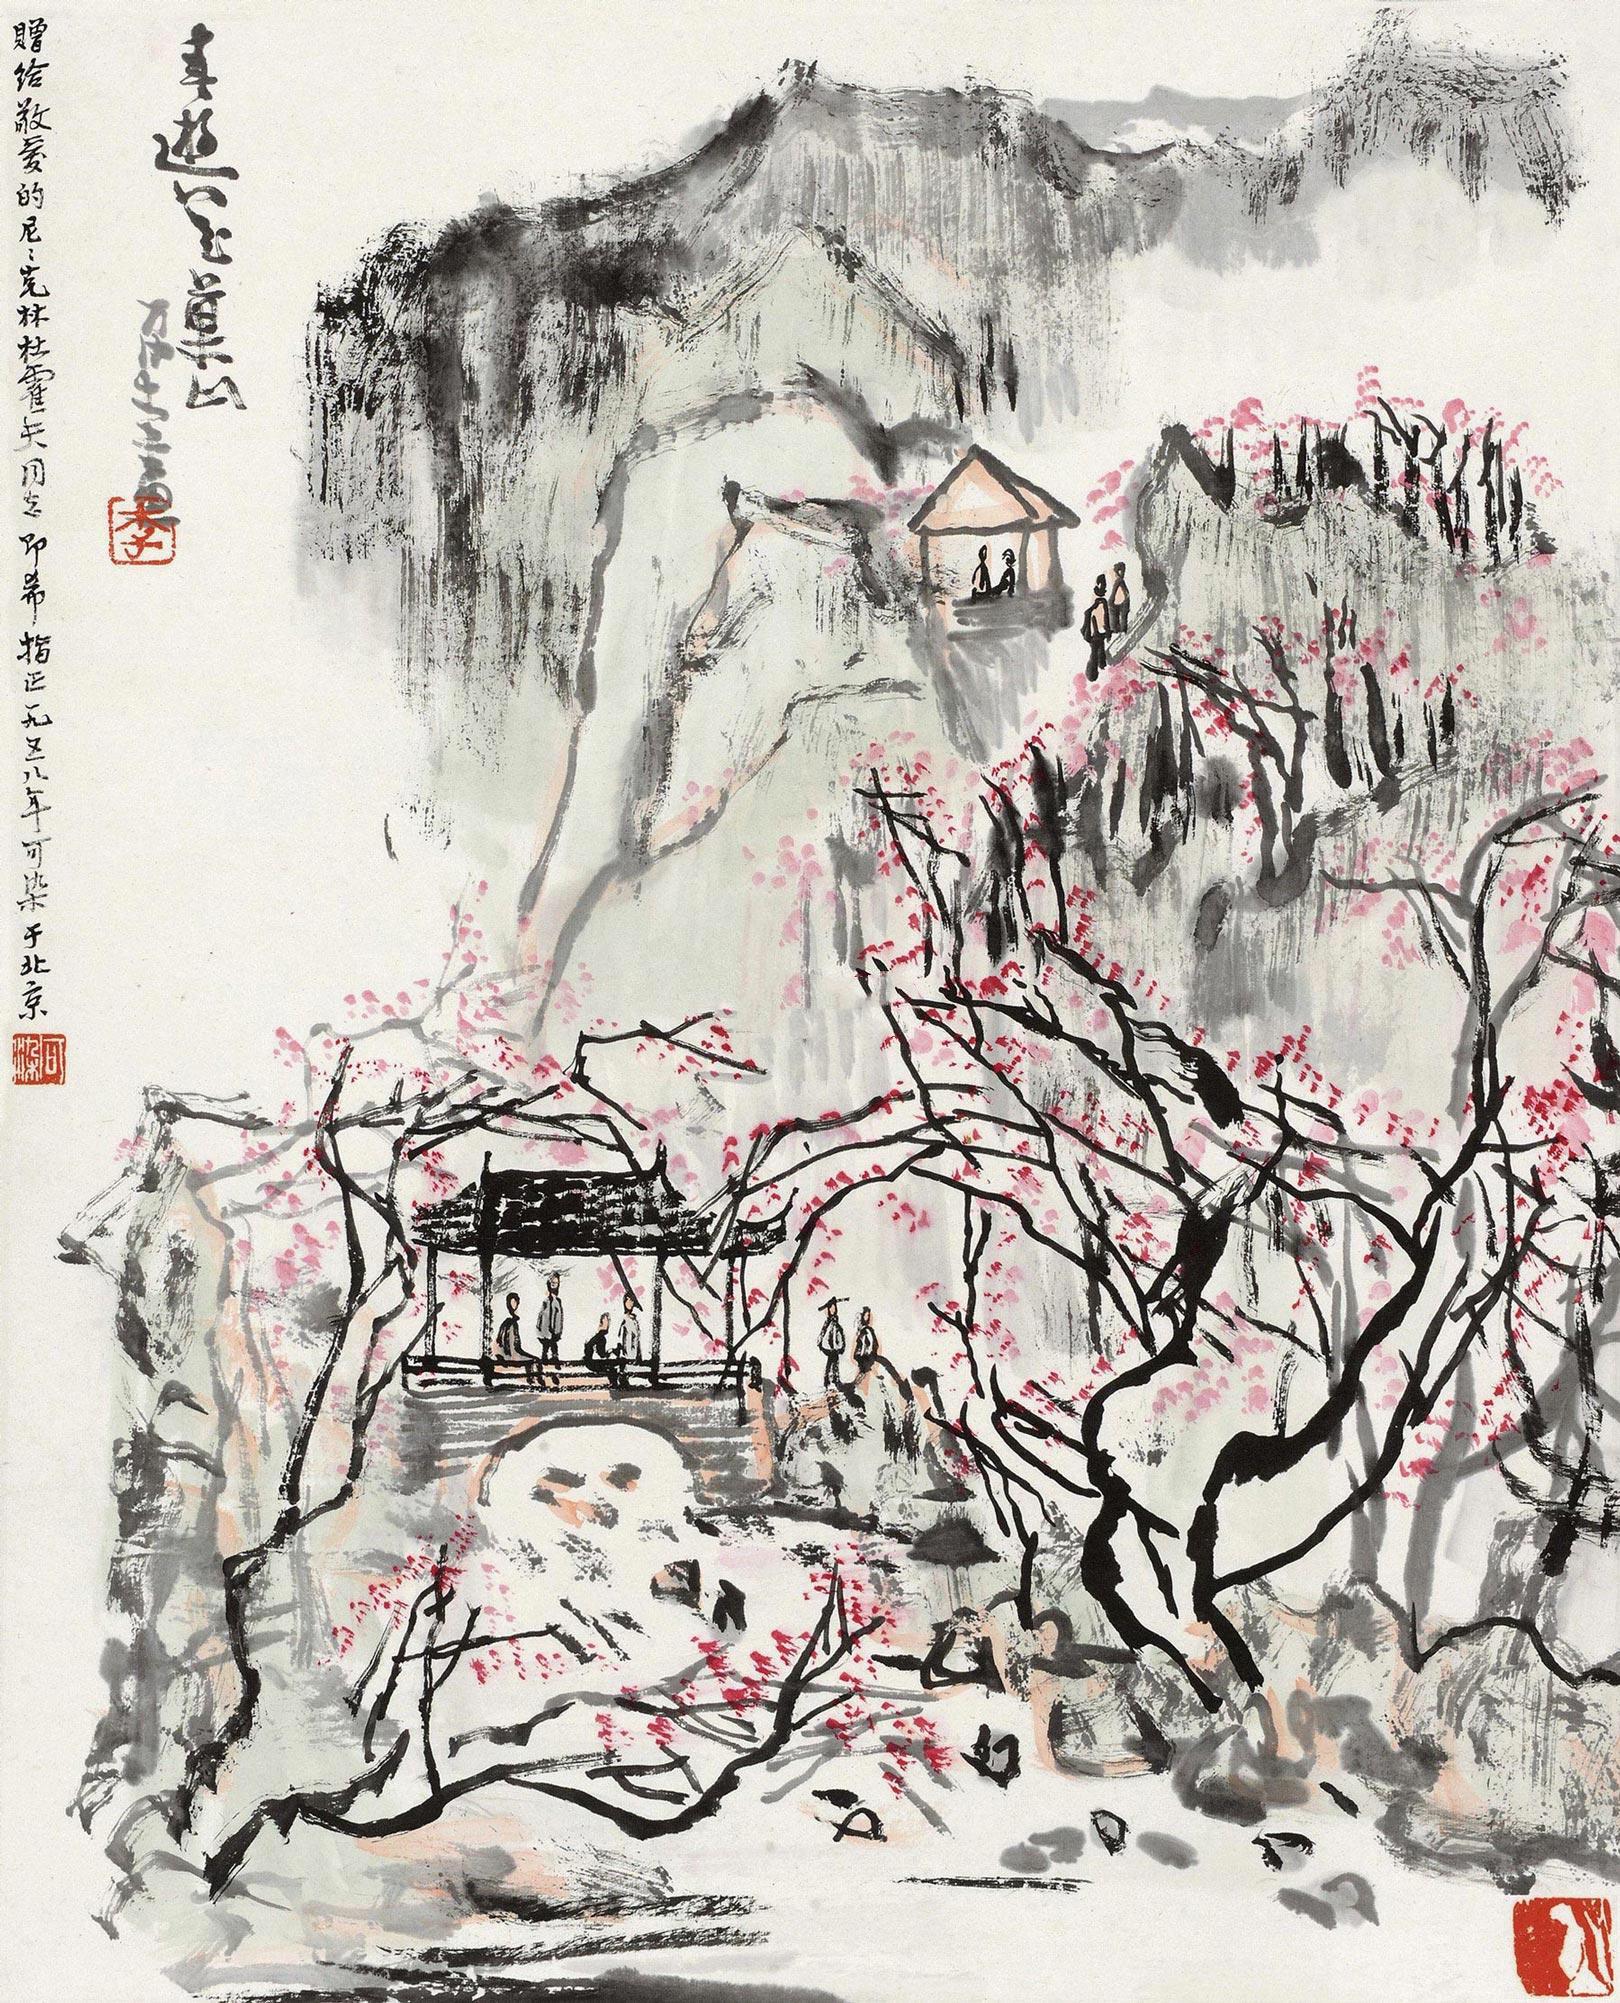 李可染:山水畫創啄意境和意匠的問題